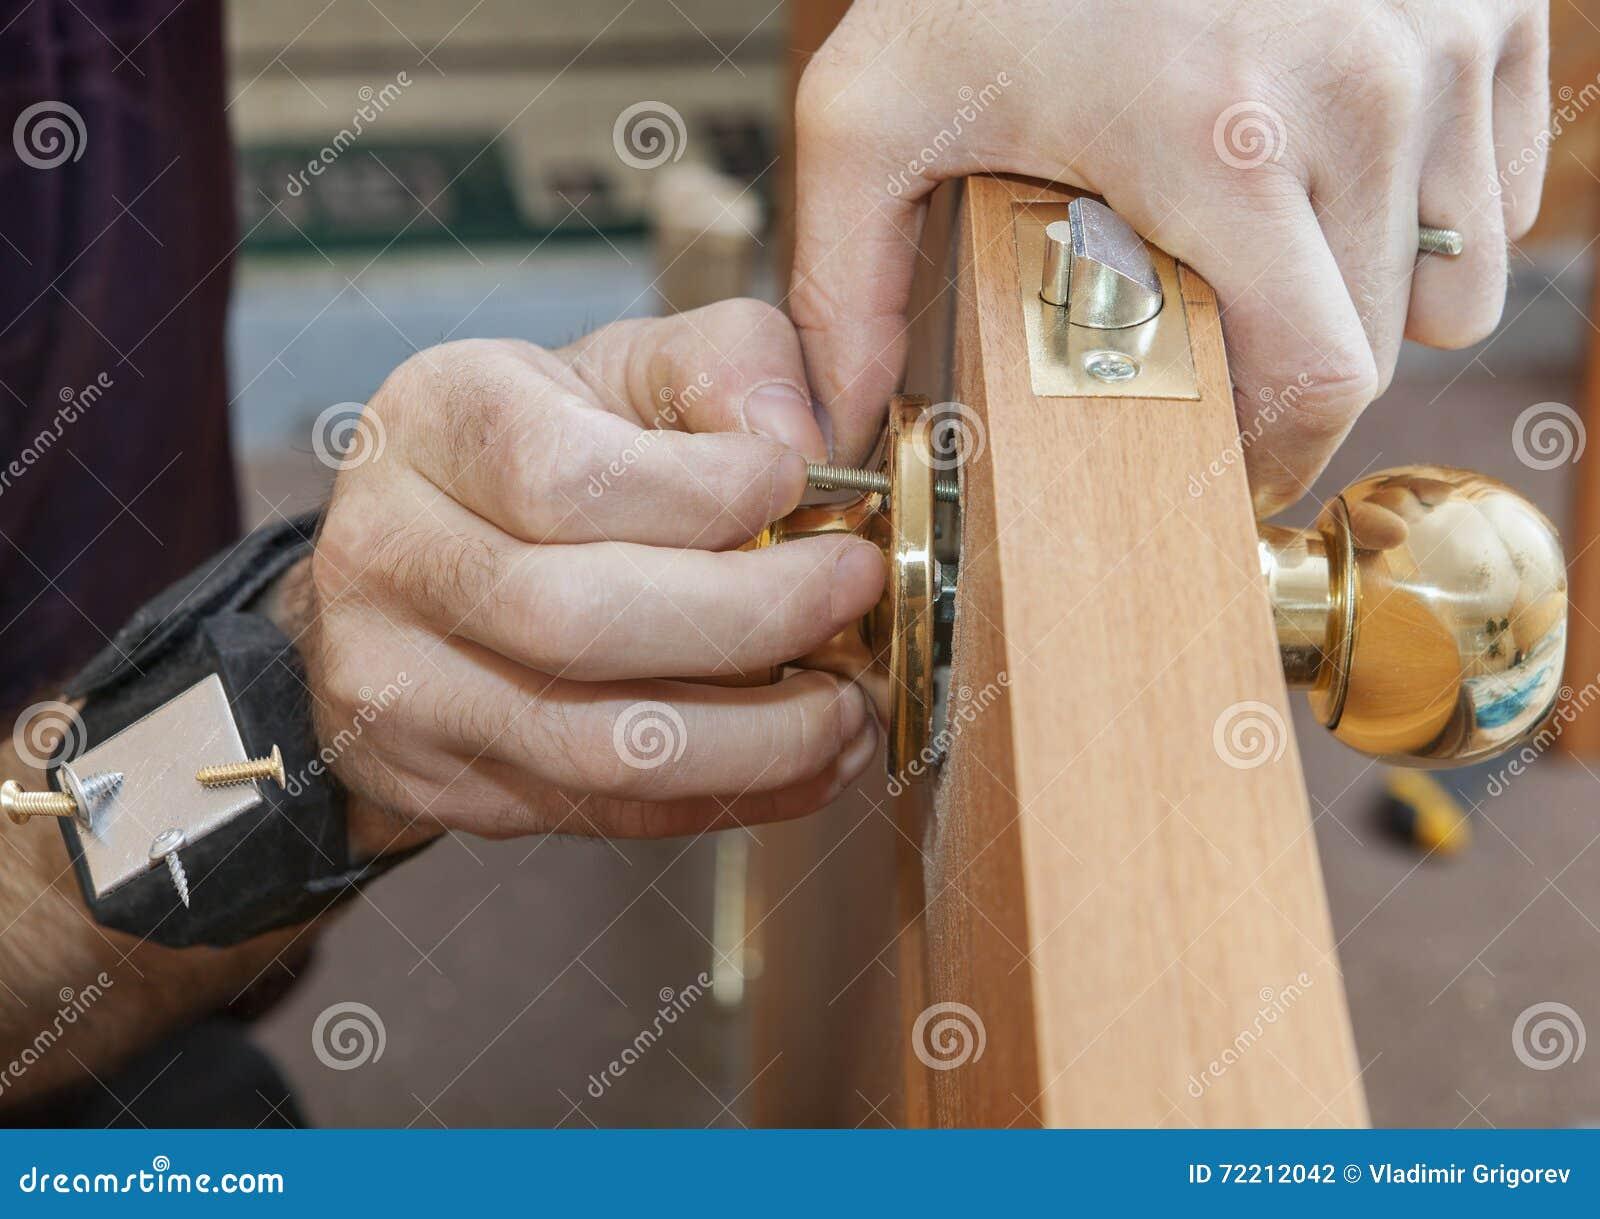 Εγκαθιστώντας την εσωτερική πόρτα, ο ξυλουργός εγκαθιστά τη χρησιμοποίηση εξογκωμάτων μαγνητική